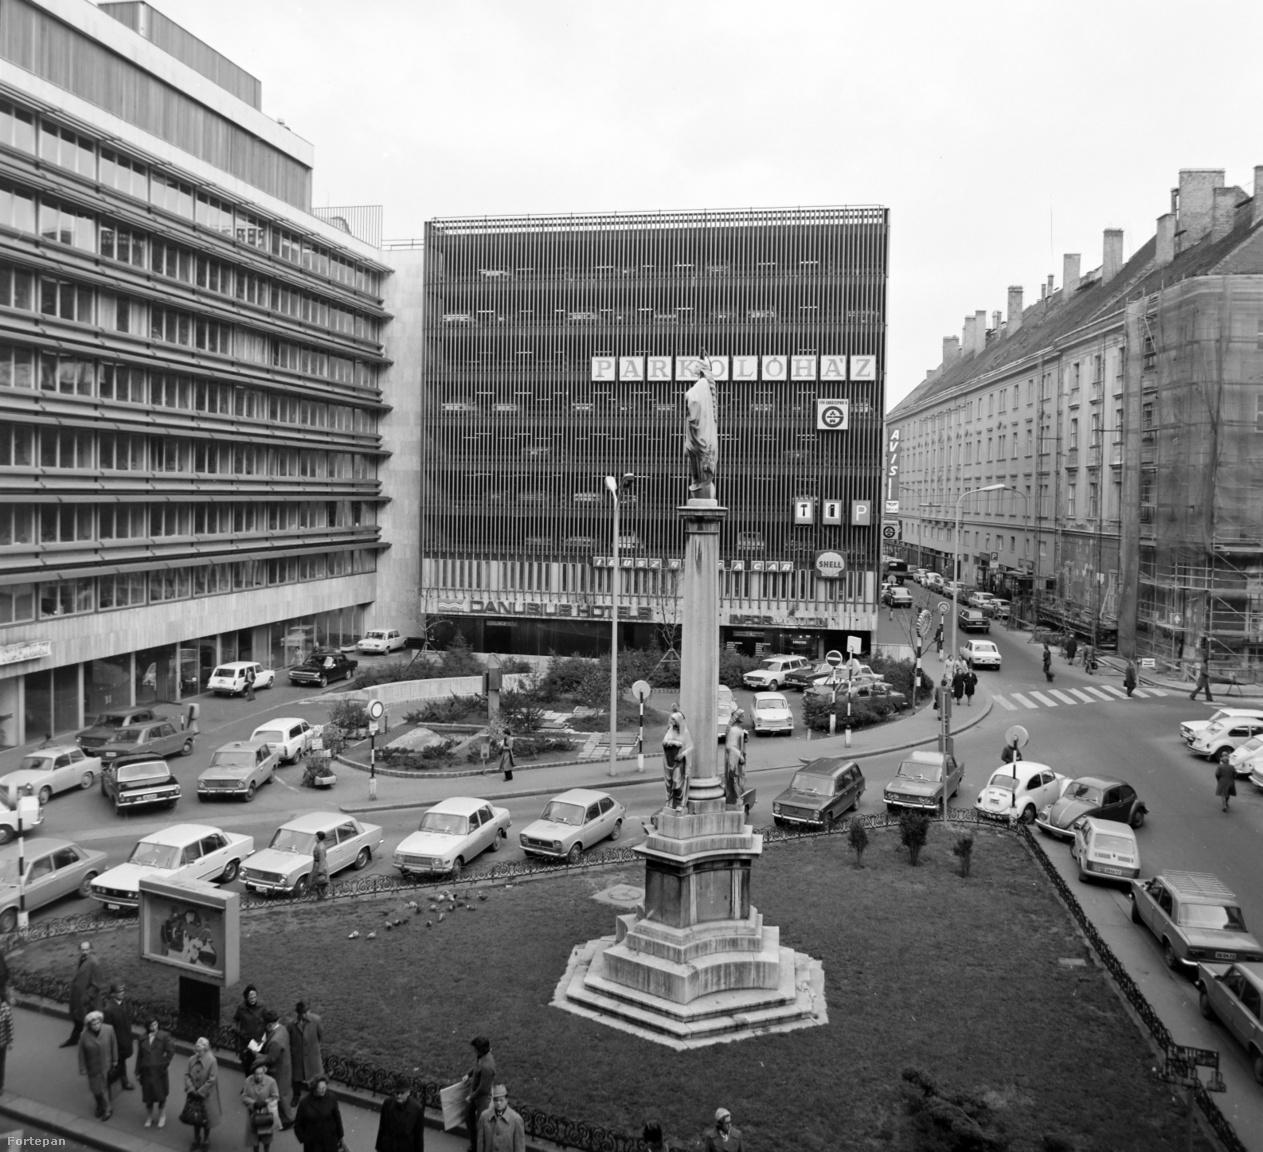 Már a hetvenes években felismerték, hogy a fizetős parkolási övezet önmagában kevés, P+R parkolók kellenek a HÉV- és metróállomások mellé (meg is épült 3000 parkolóhelynyi), valamint elkezdődött a belvárosi parkolóházak építése. Az első fecske a Martinelli (ma Szervita) téri parkolóház volt 1973-ban. A különben garázsként a társépítők tulajdonát képező 304 fedett és 45 nyitott autóférőhely 80 százalékát 8-17 óra között bárki igénybe vehette óránként 5 forintért. A házban szervizállomás és Shell-kút is működött. Az 2000-re évekre leharcolttá vált, kihasználatlan parkolóházat nemrég bontották le, helyén luxuslakásokat, irodákat és üzlethelyiségeket magában foglaló üvegborítású épület épül, 300 férőhelyes mélygarázzsal.